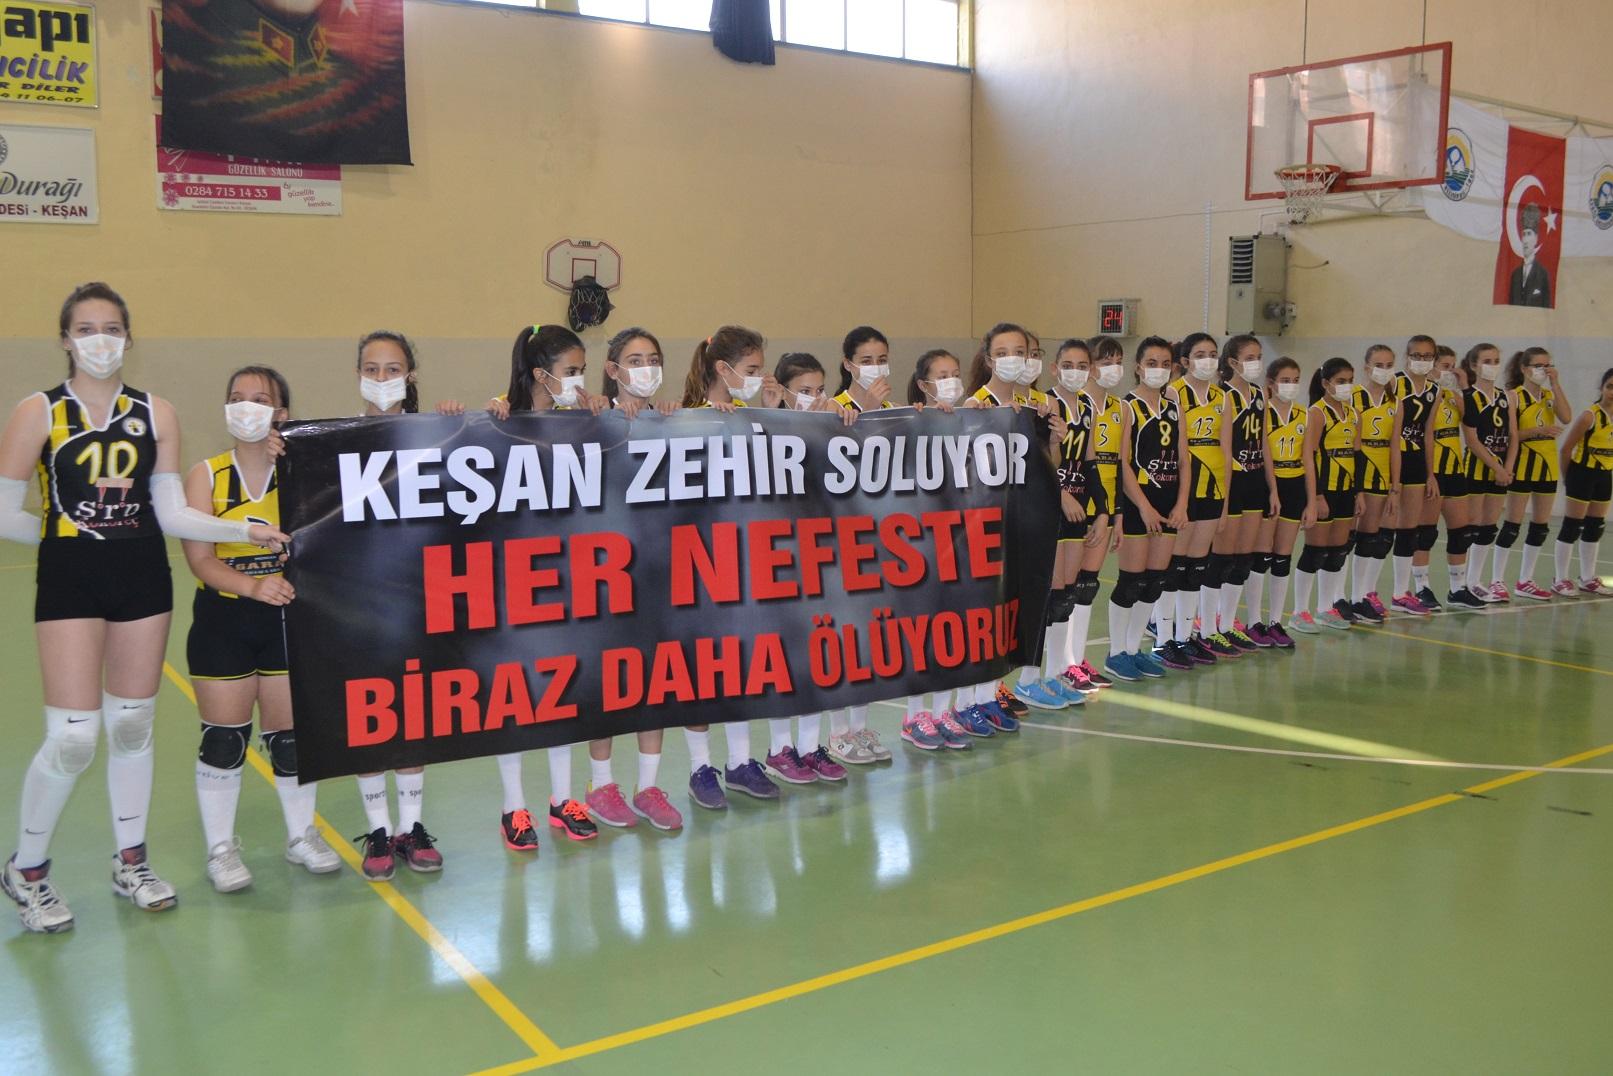 Türkiye hava kirliliği açısından alarm veriyor